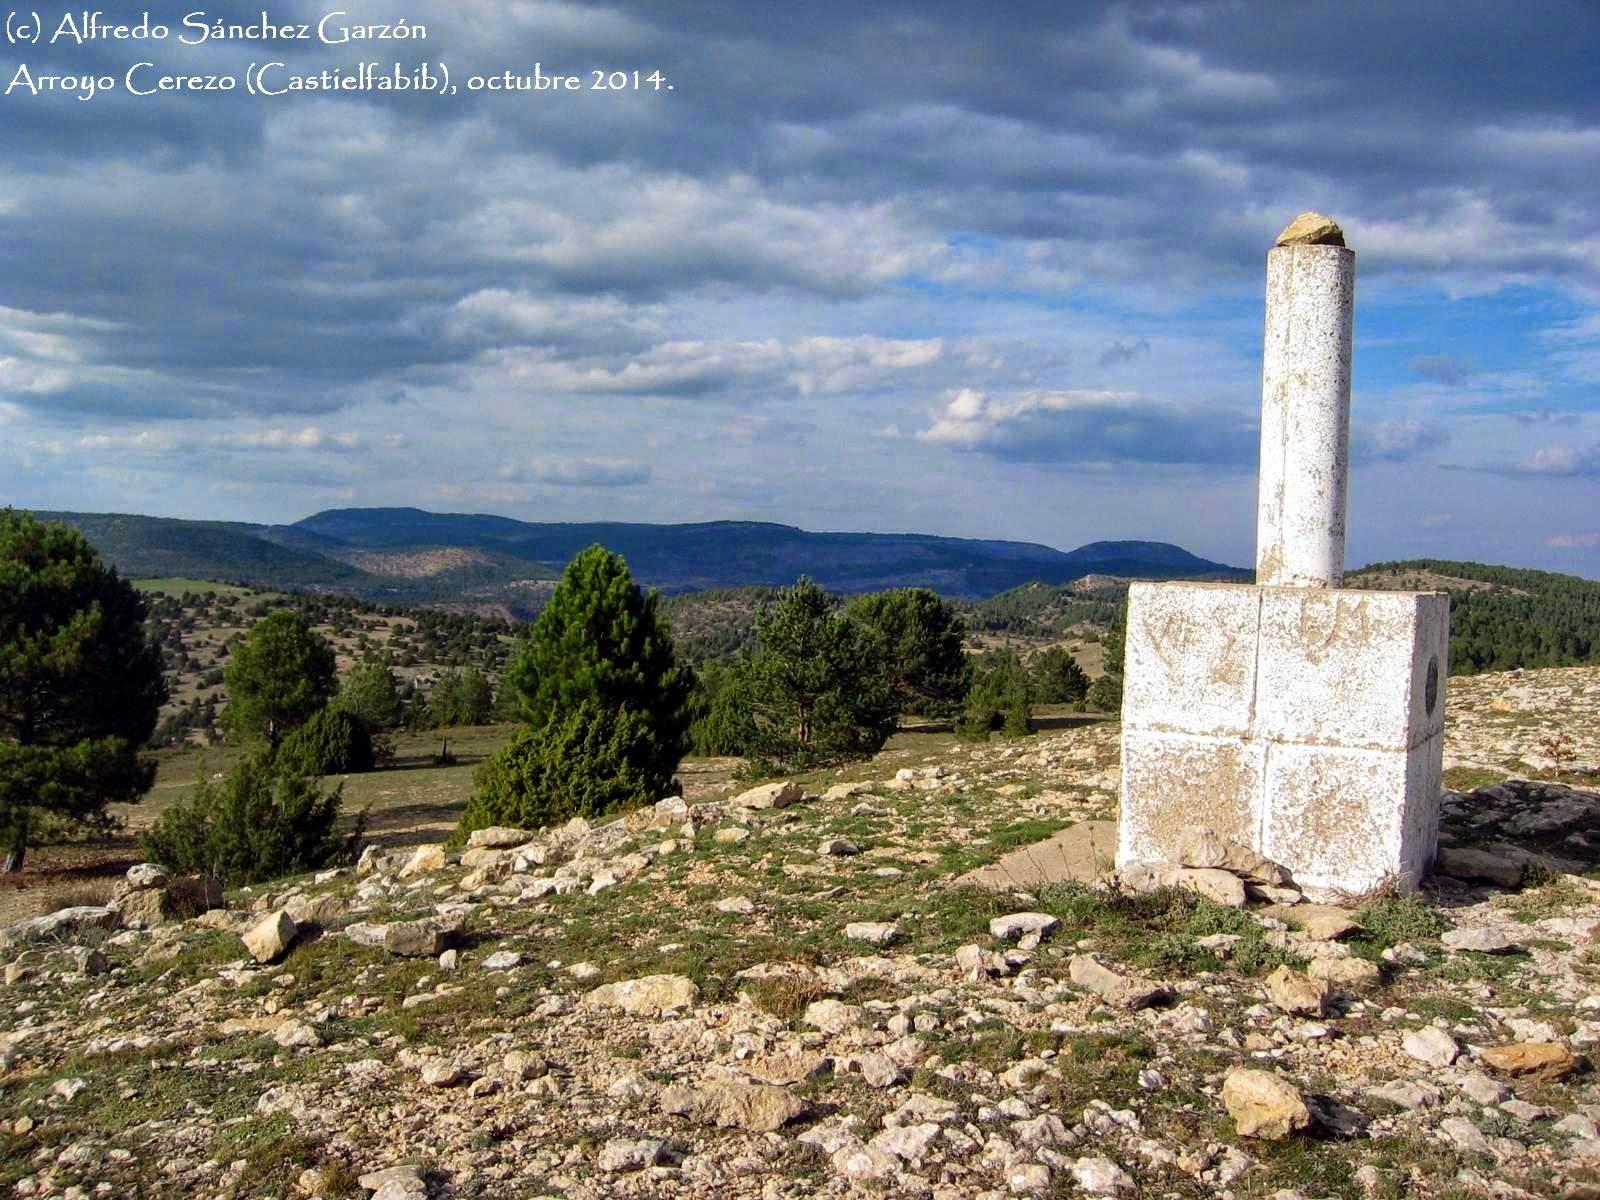 cruz-tres-reinos-arroyo-cerezo-castielfabib